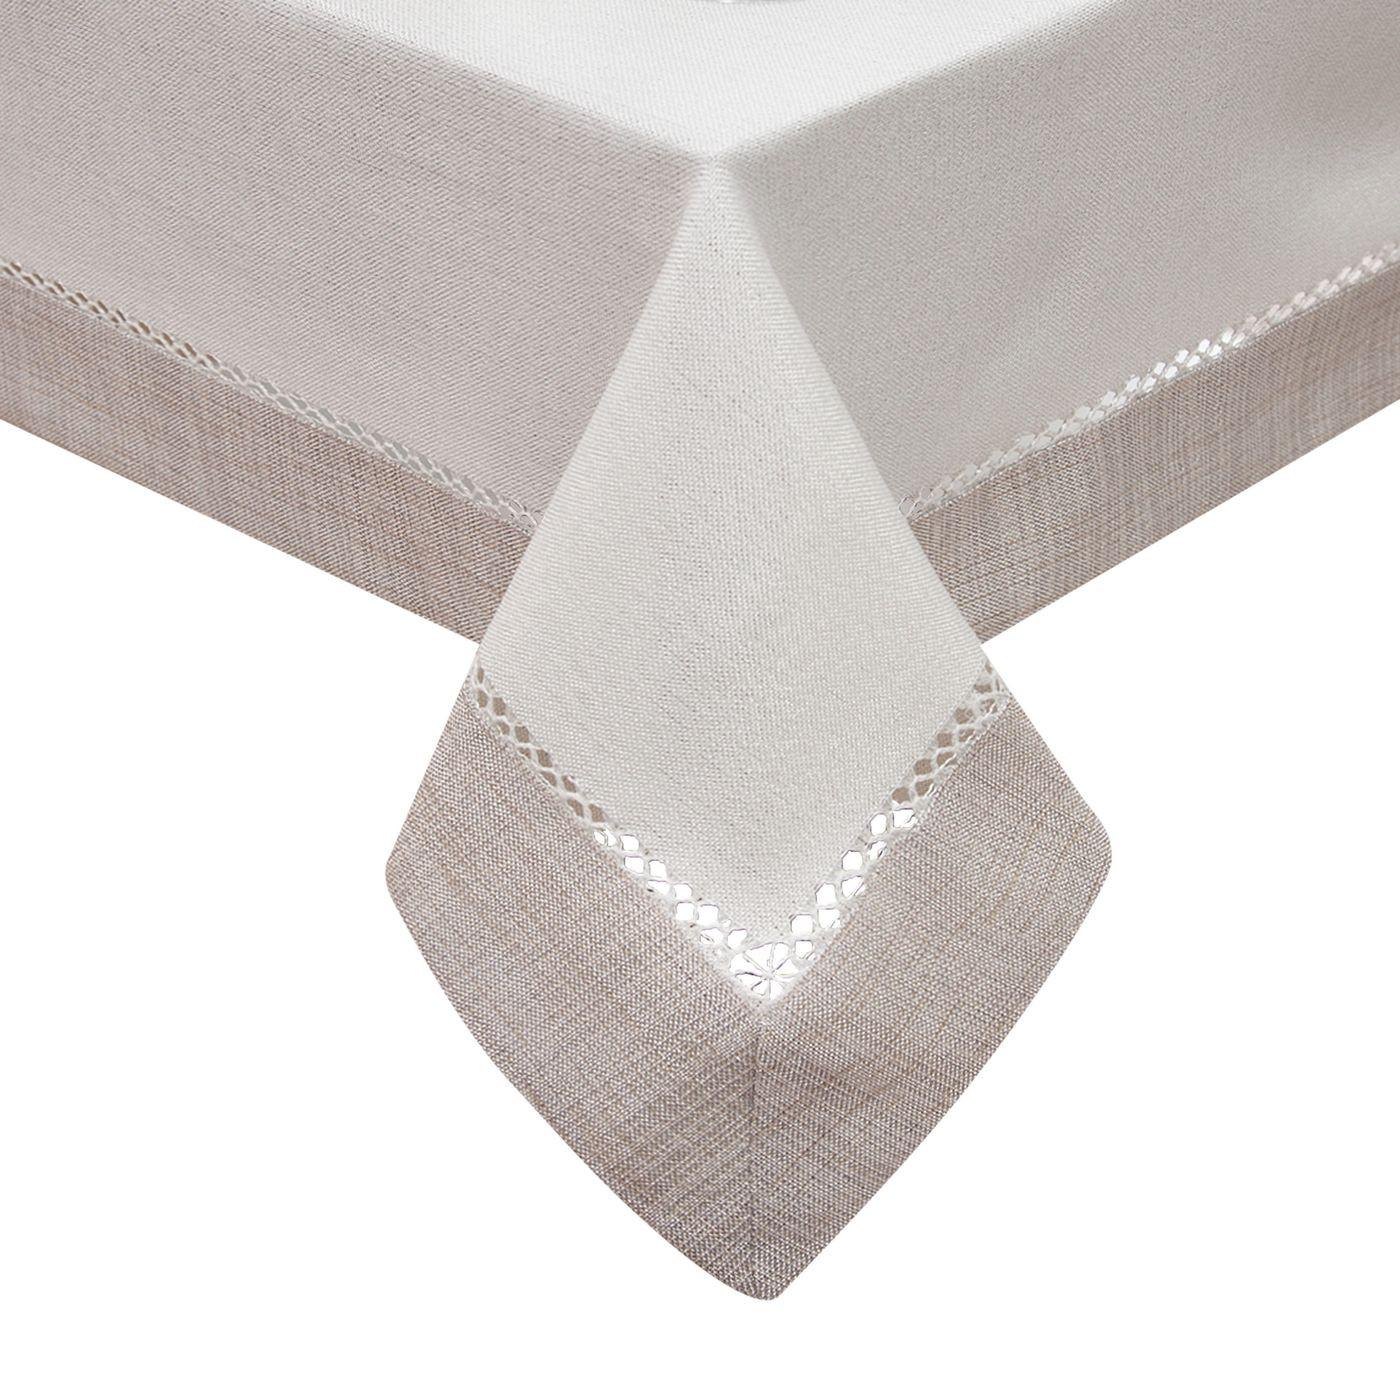 Obrus z mereżką biało - srebrny 140 x 200 cm